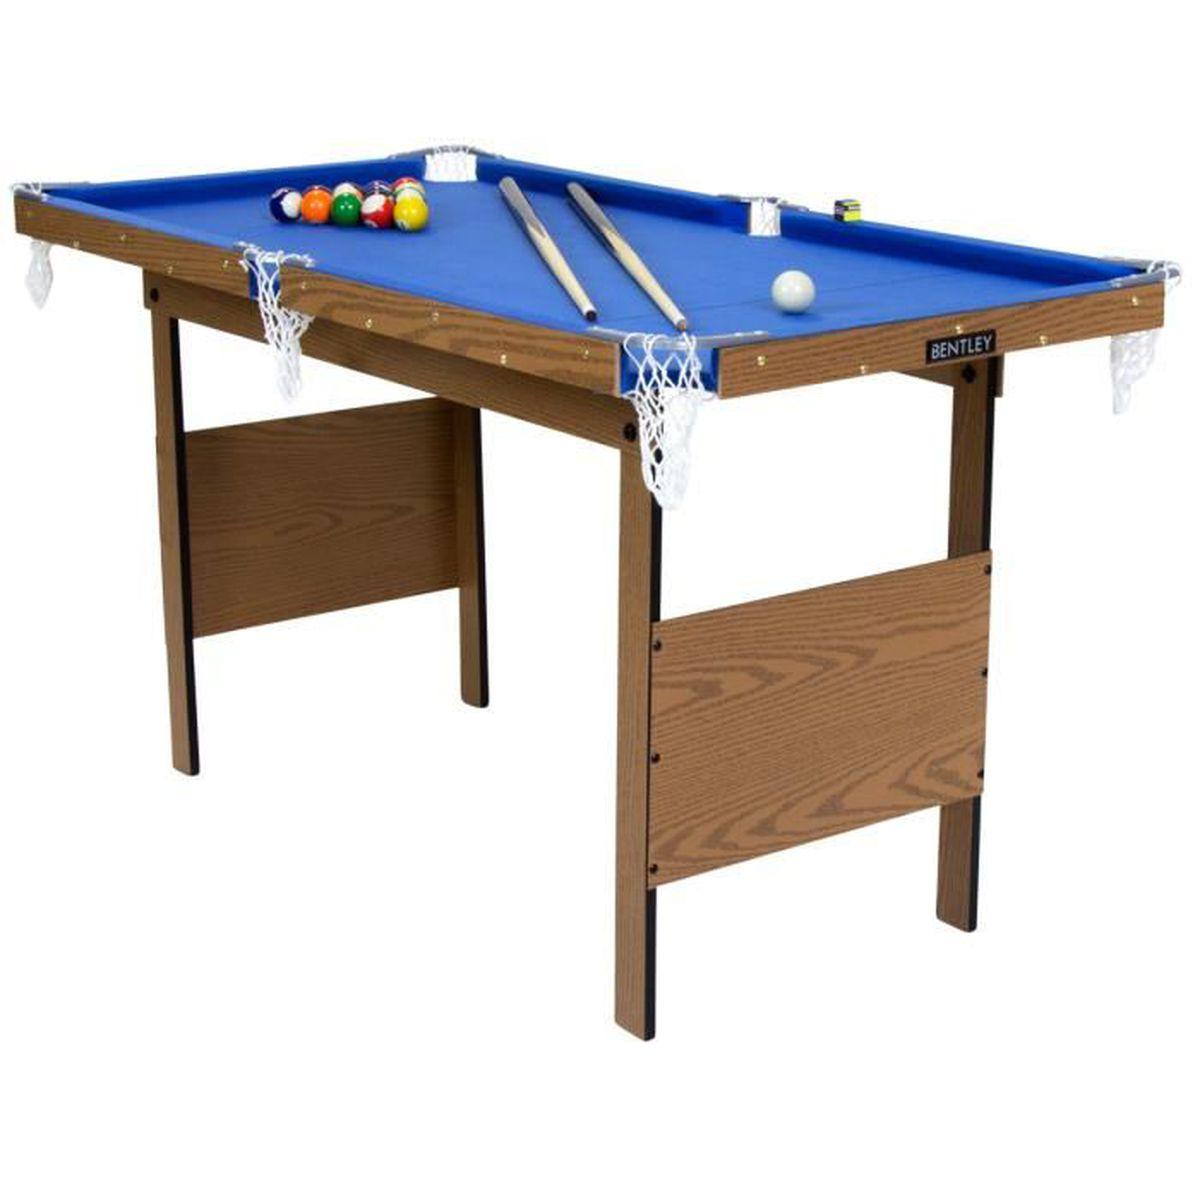 table de billard am ricain 2 queues billard jeu de billes. Black Bedroom Furniture Sets. Home Design Ideas